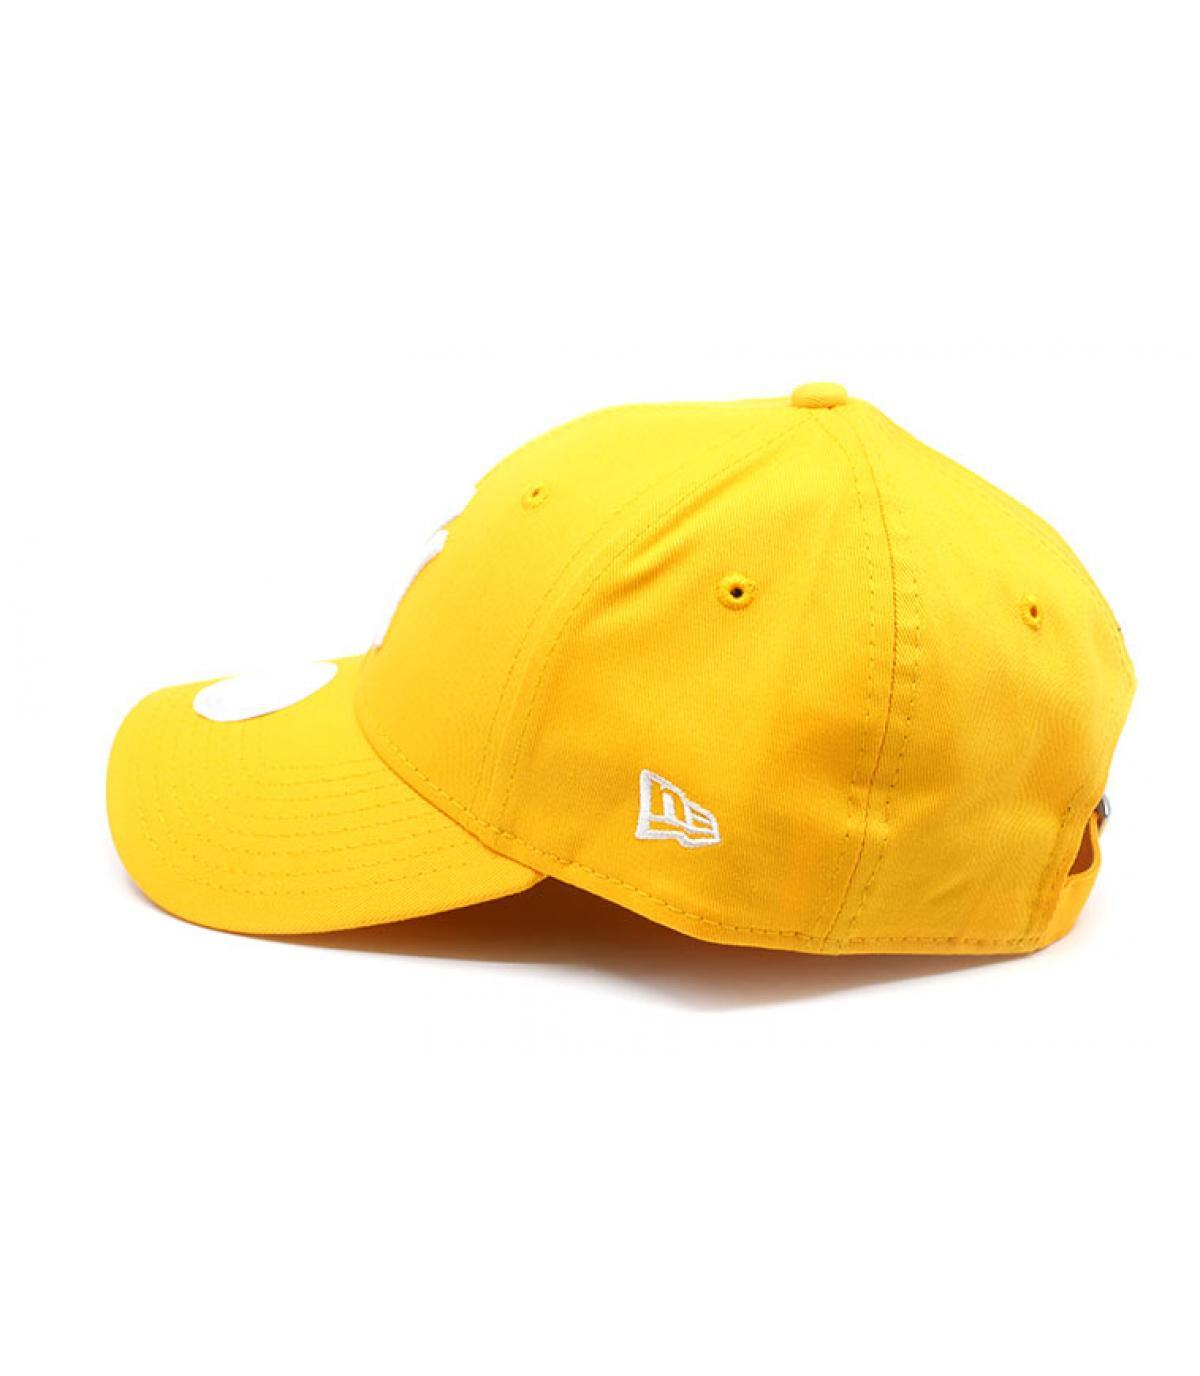 Détails Wmns League Ess NY 9Forty gold - image 4